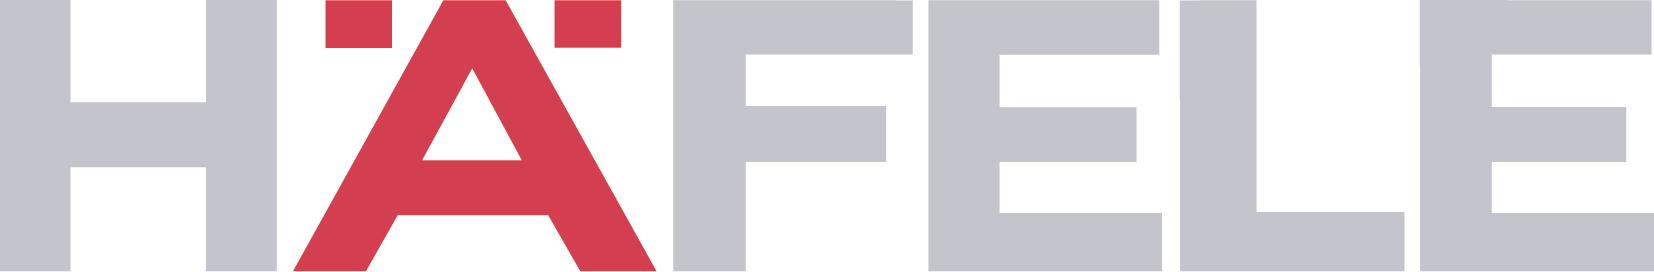 Häfele Online Shop : tischlerei timm jansen tischlermeister onlinetischler ~ Fotosdekora.club Haus und Dekorationen